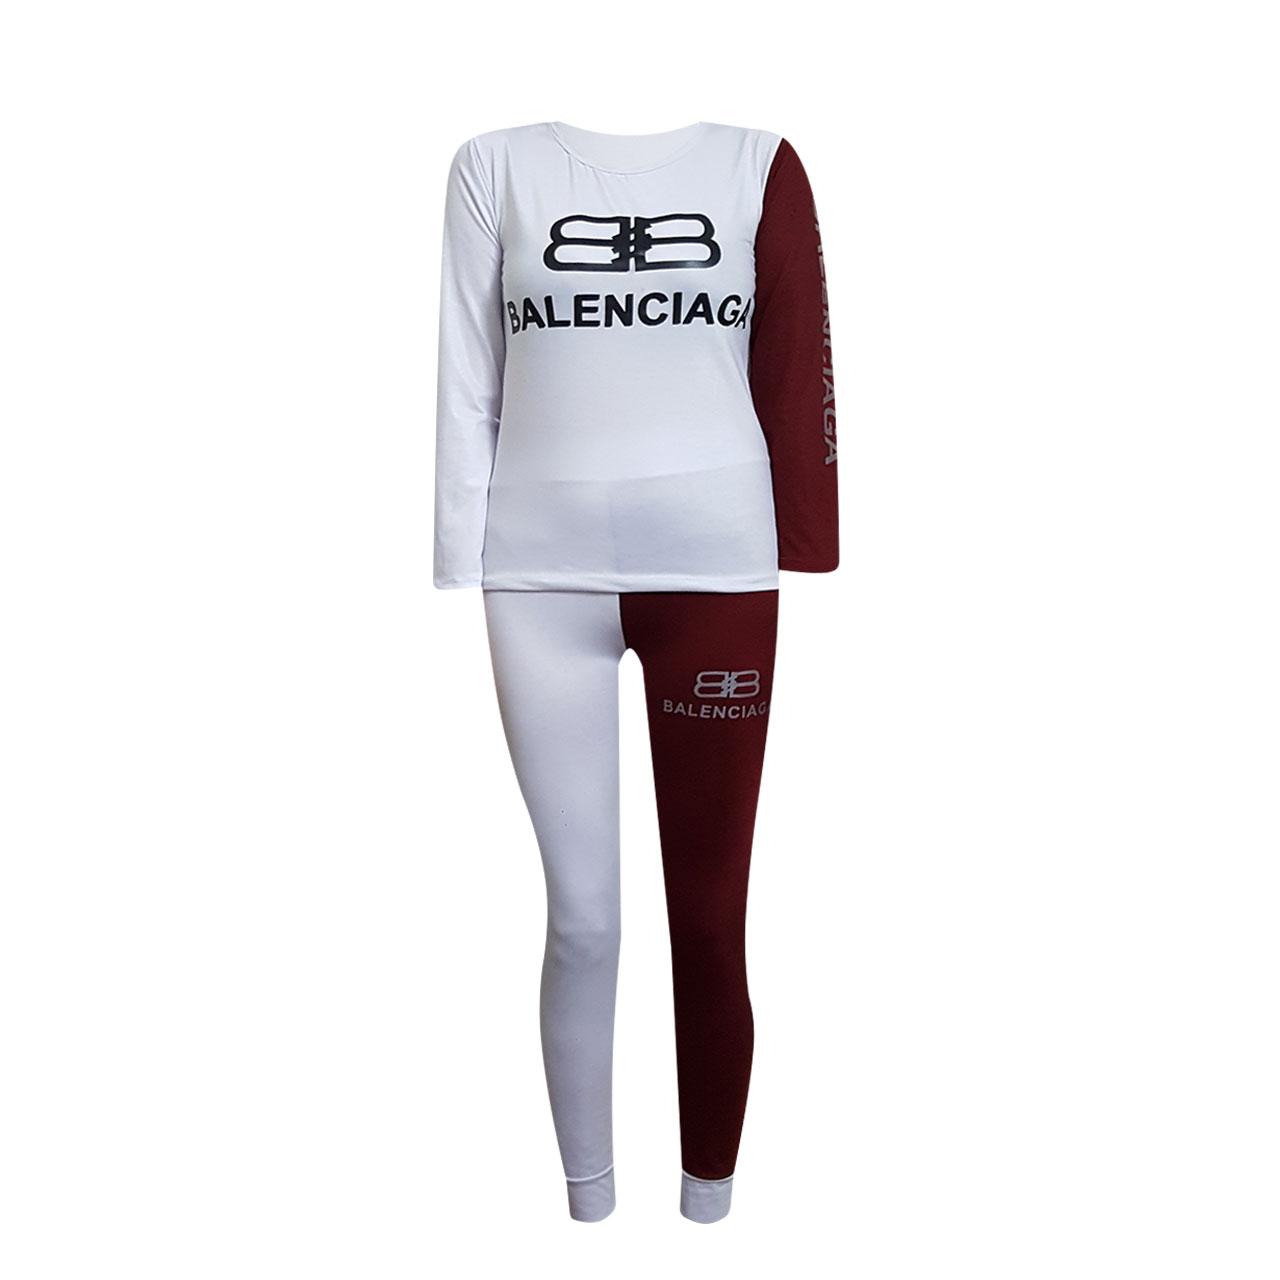 ست تی شرت و لگینگ ورزشی زنانه مدل KP-02